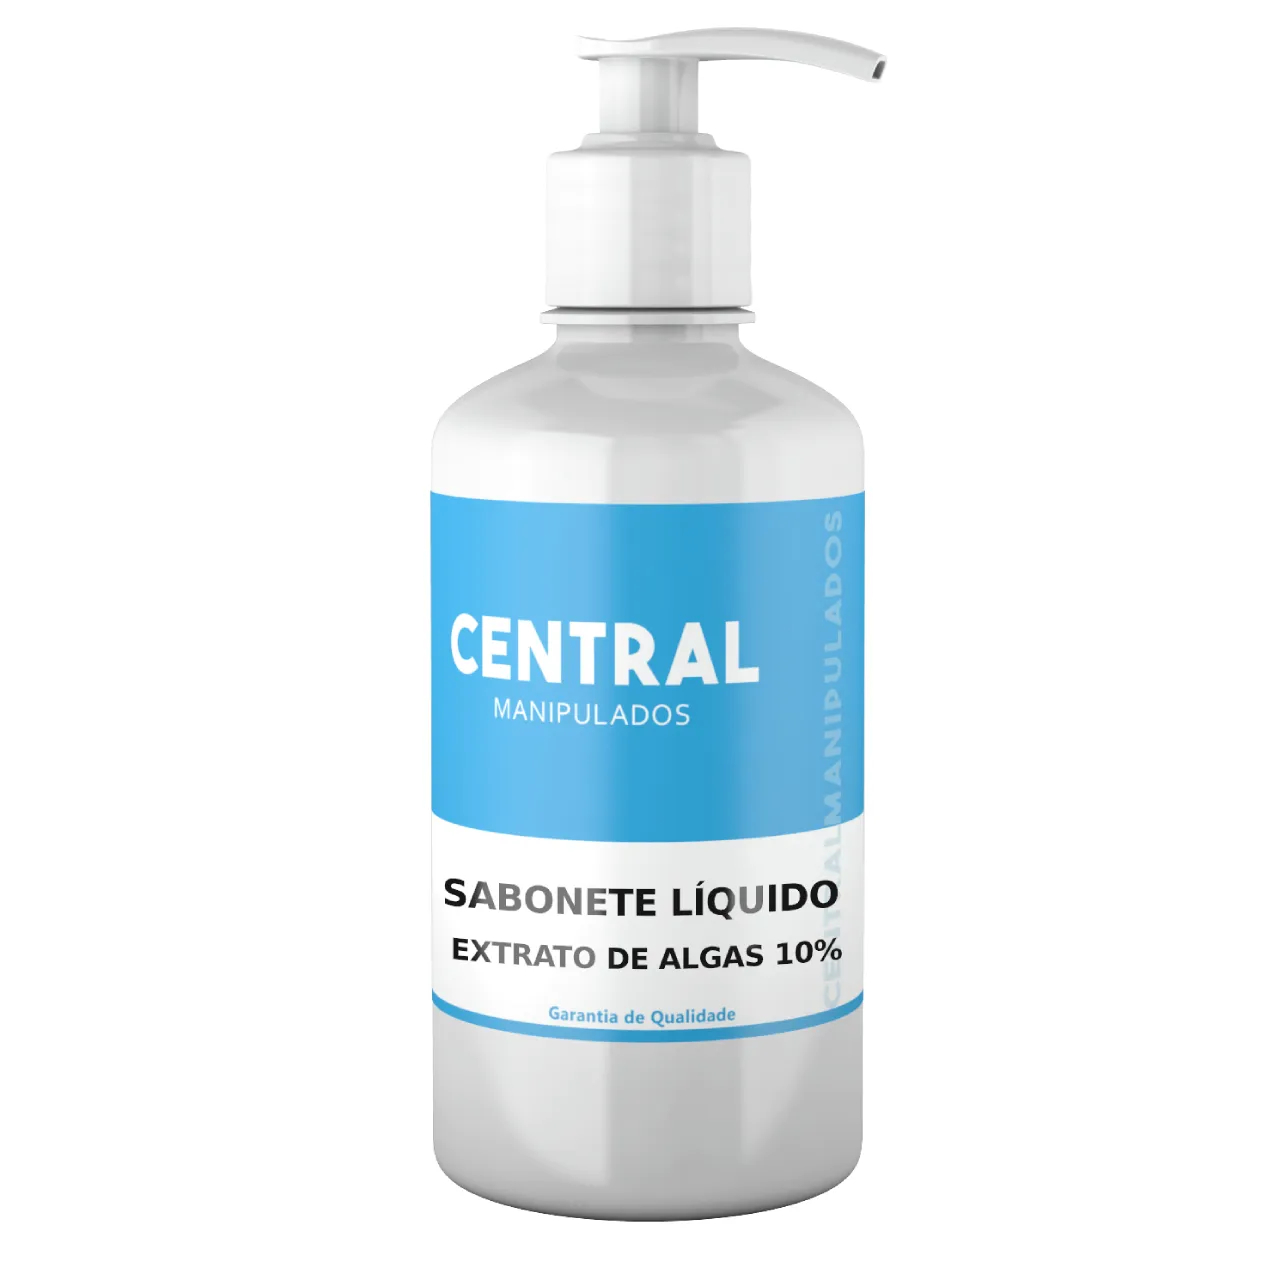 Extrato de Algas 10% - 100ML Sabonete Líquido - Uso externo para Celulite, Cicatrizante, Remineralizante, Suavizante e Hidratante.